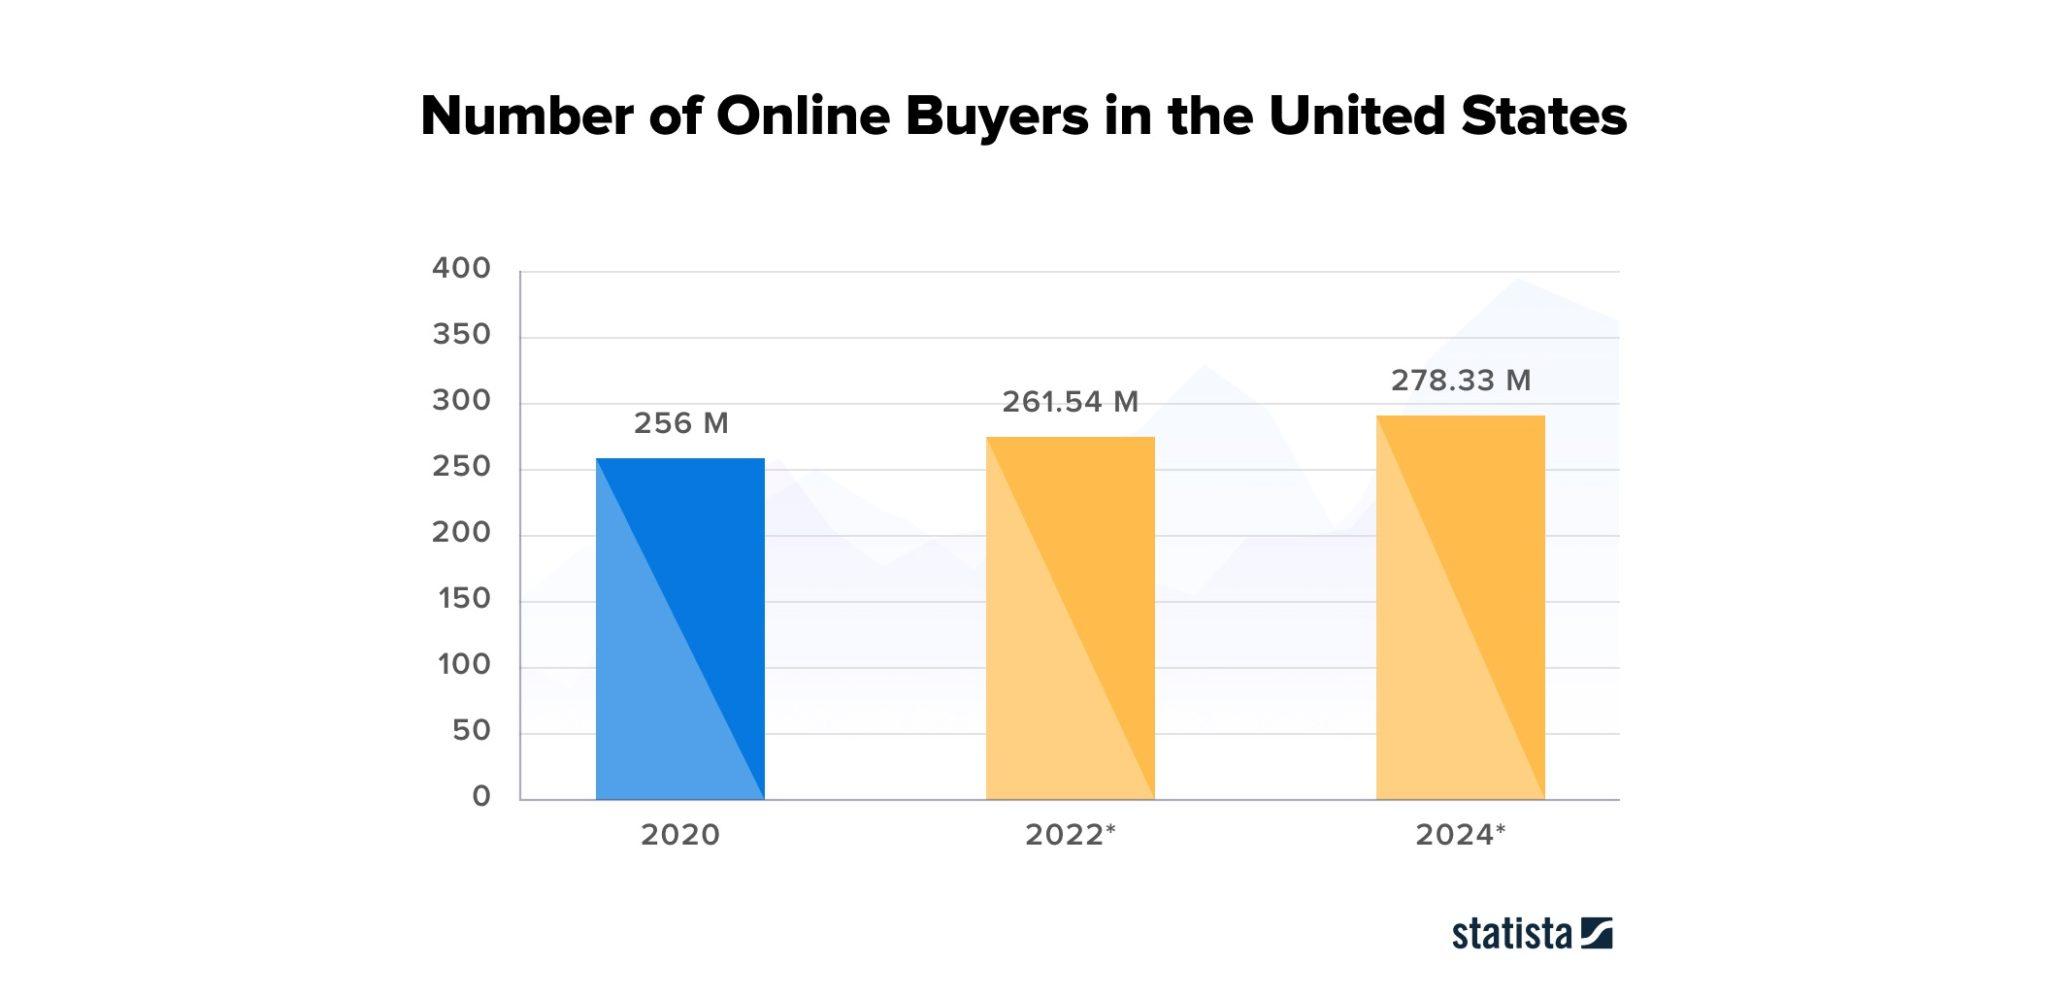 Number of Online Buyers in US